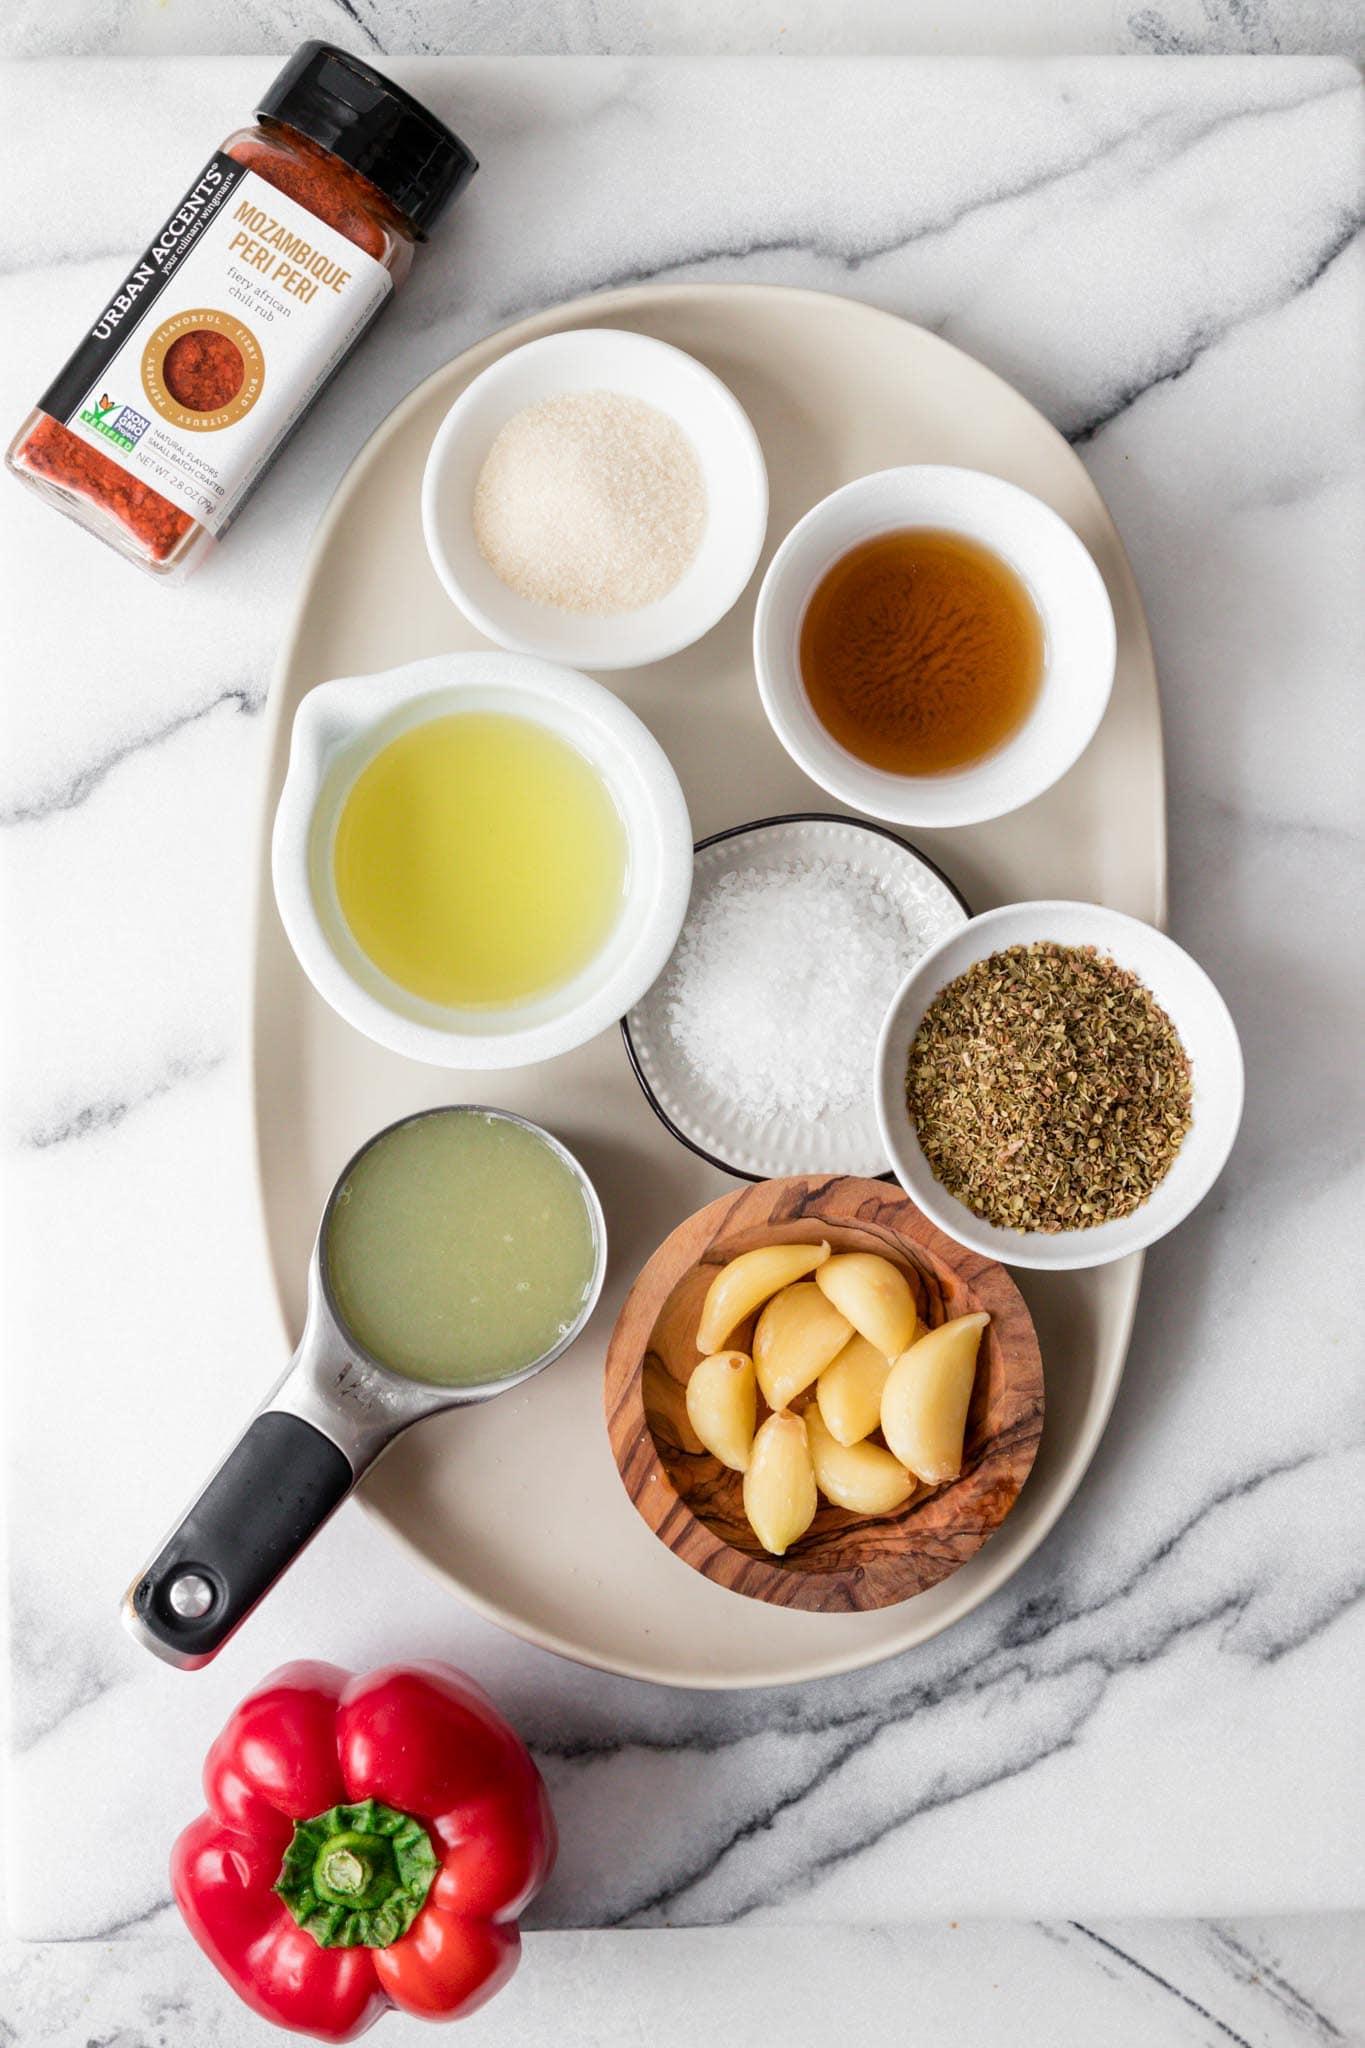 Ingredients for Peri Peri Sauce including peri peri seasoning, sugar, apple cider vinegar, oil, salt, oregano, lemon juice, garlic and red pepper.